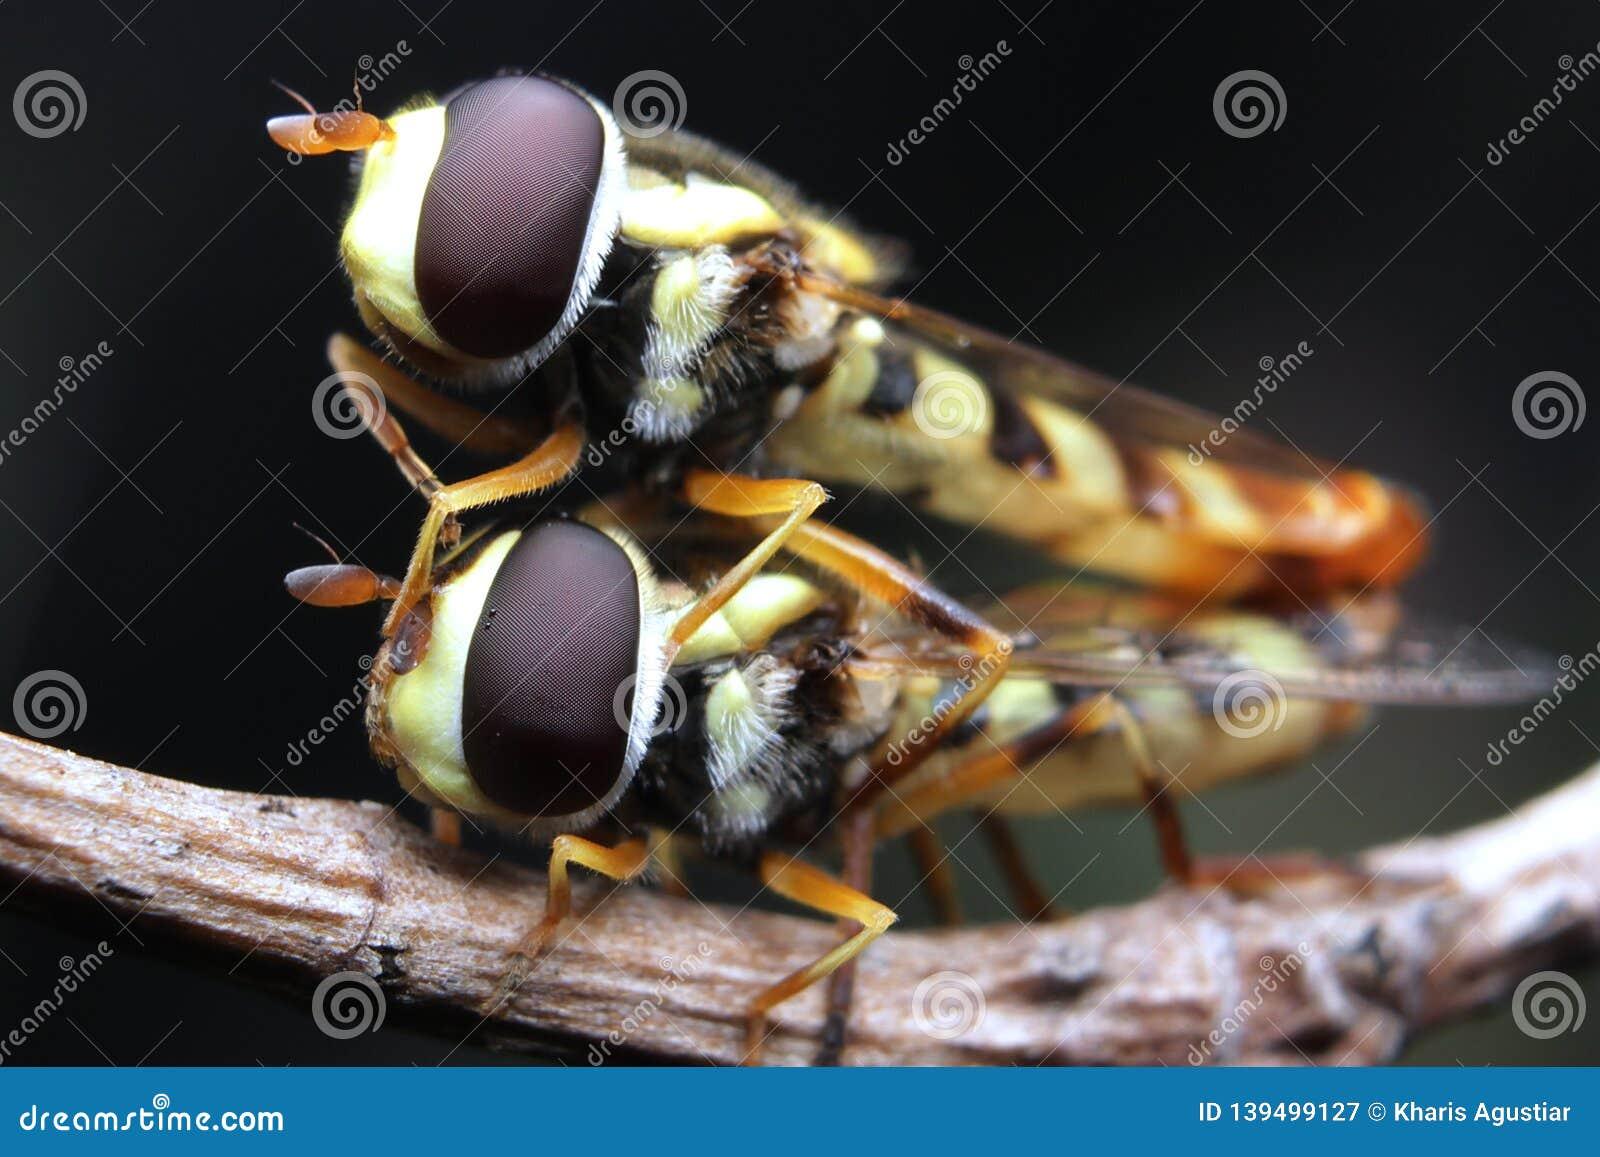 Kompiskrypet flyger hoverfly tätt upp makro